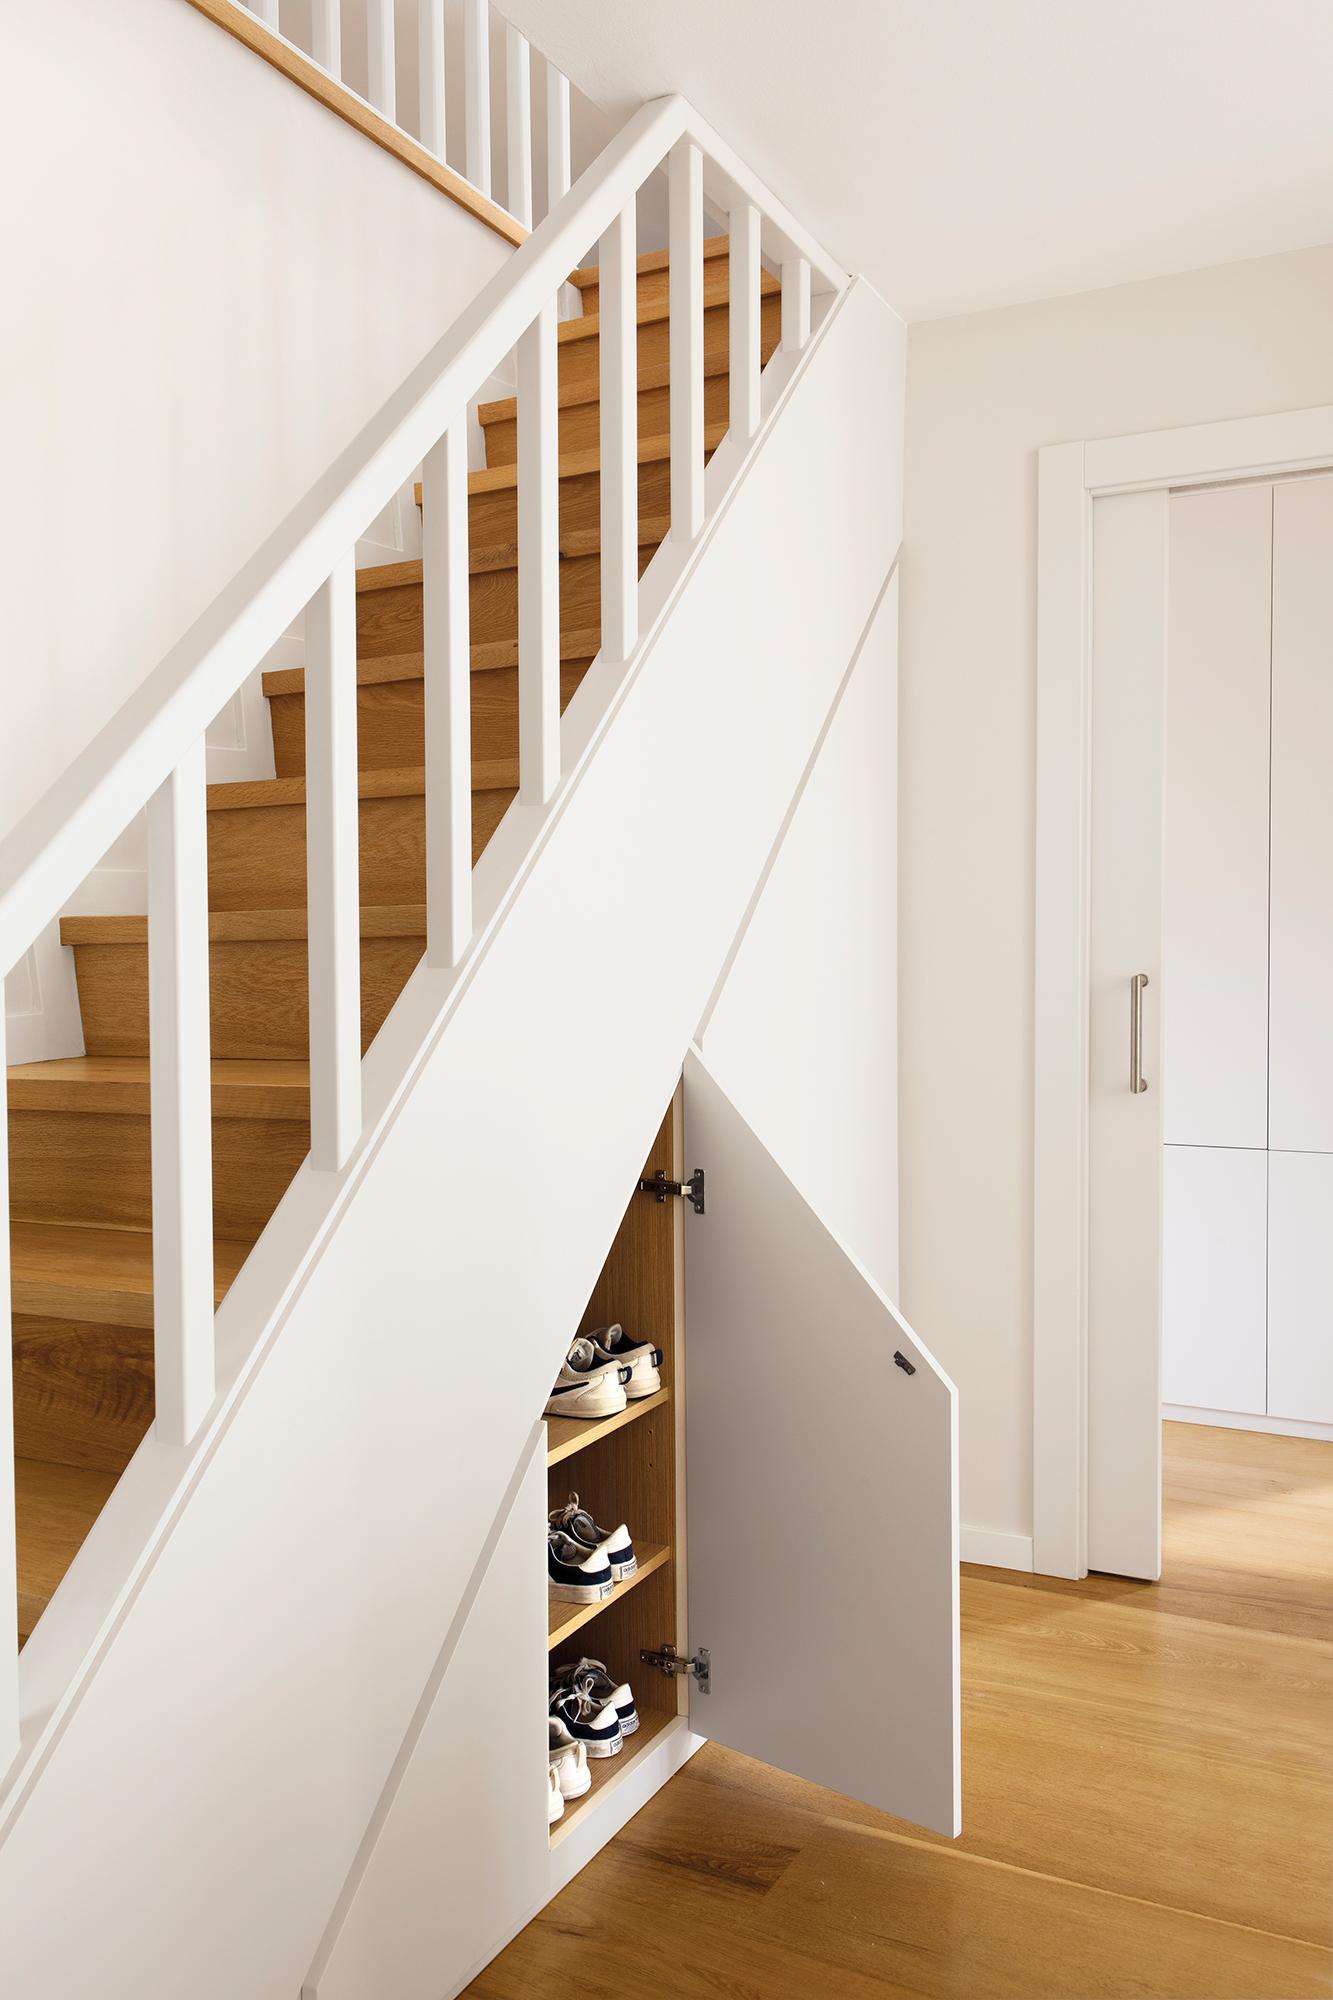 Escaleras c mo planificarlas con acierto - Escaleras de peldanos ...